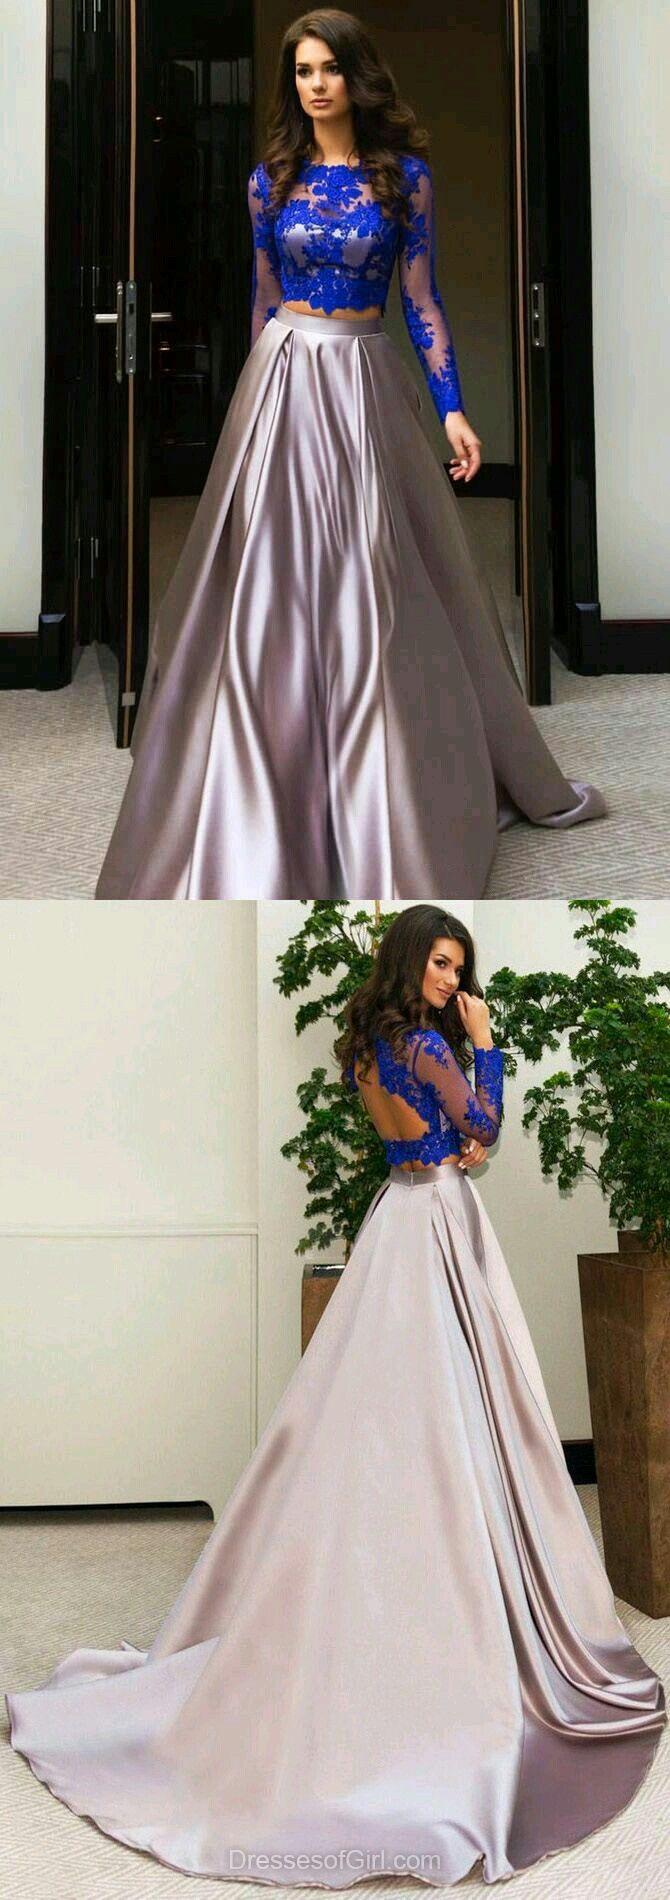 Pin by jershika kumar on desi girl pinterest dresses prom